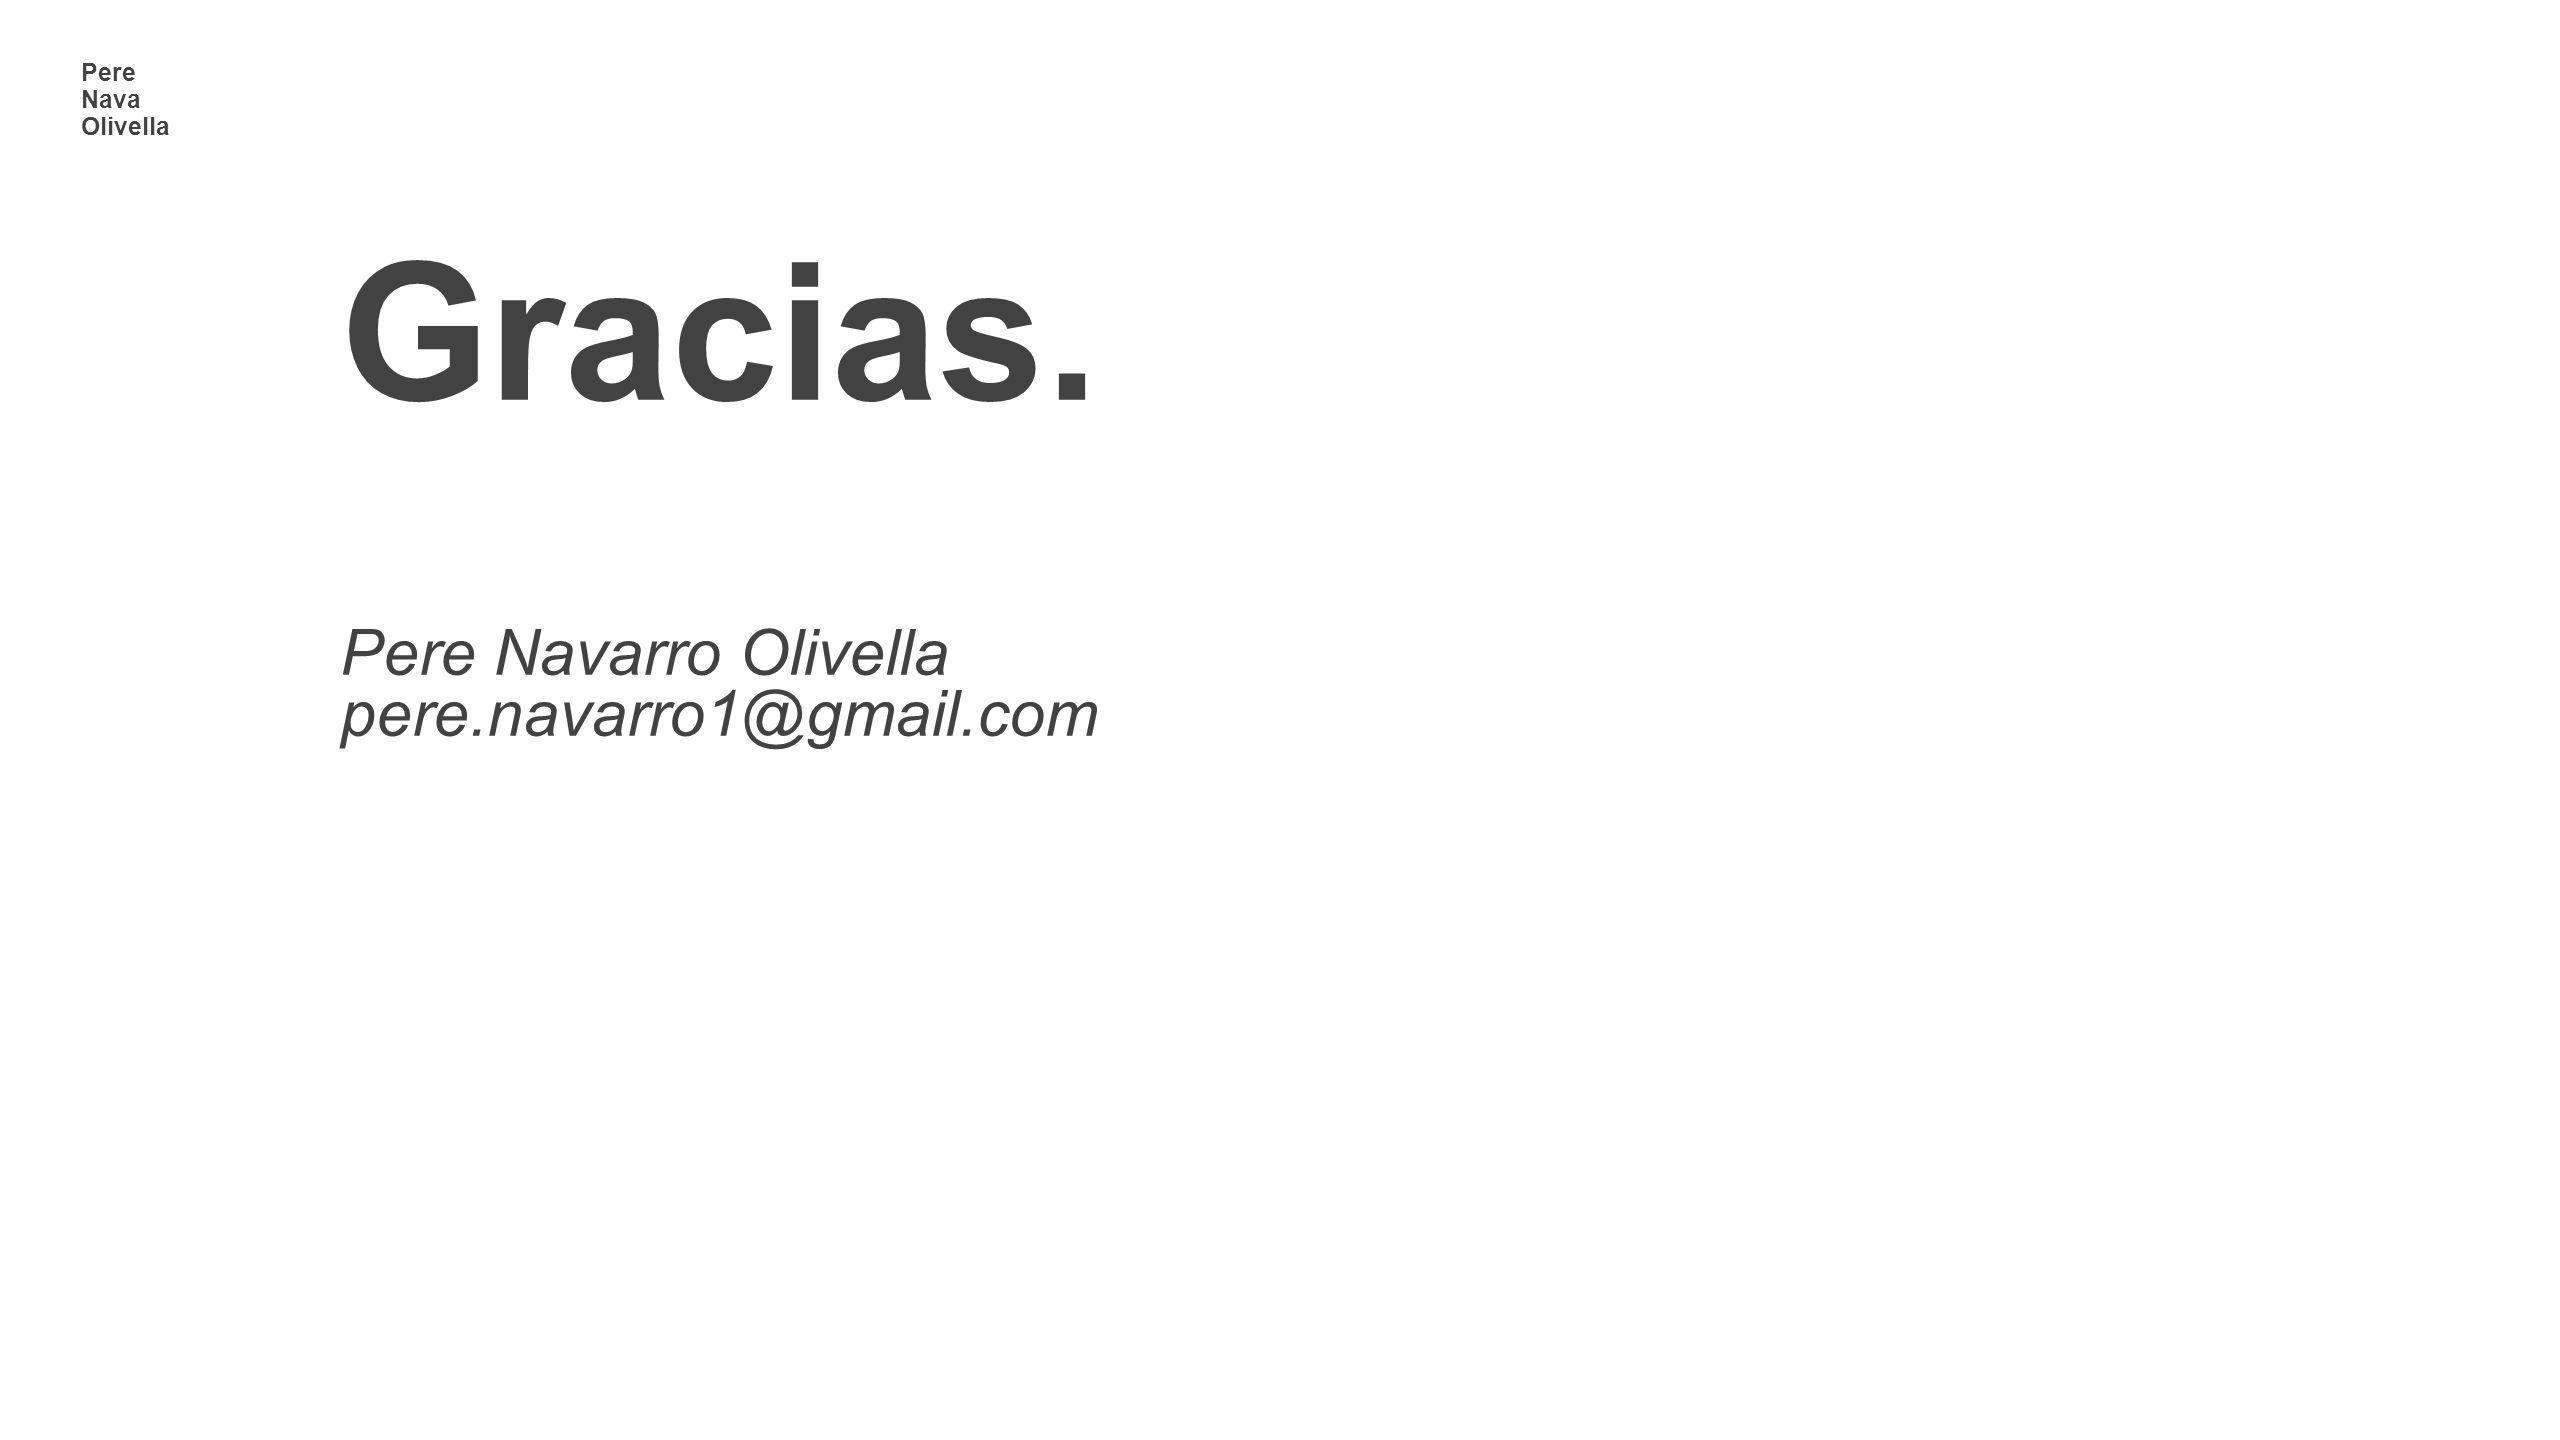 Gracias. Pere Navarro Olivella pere.navarro1@gmail.com